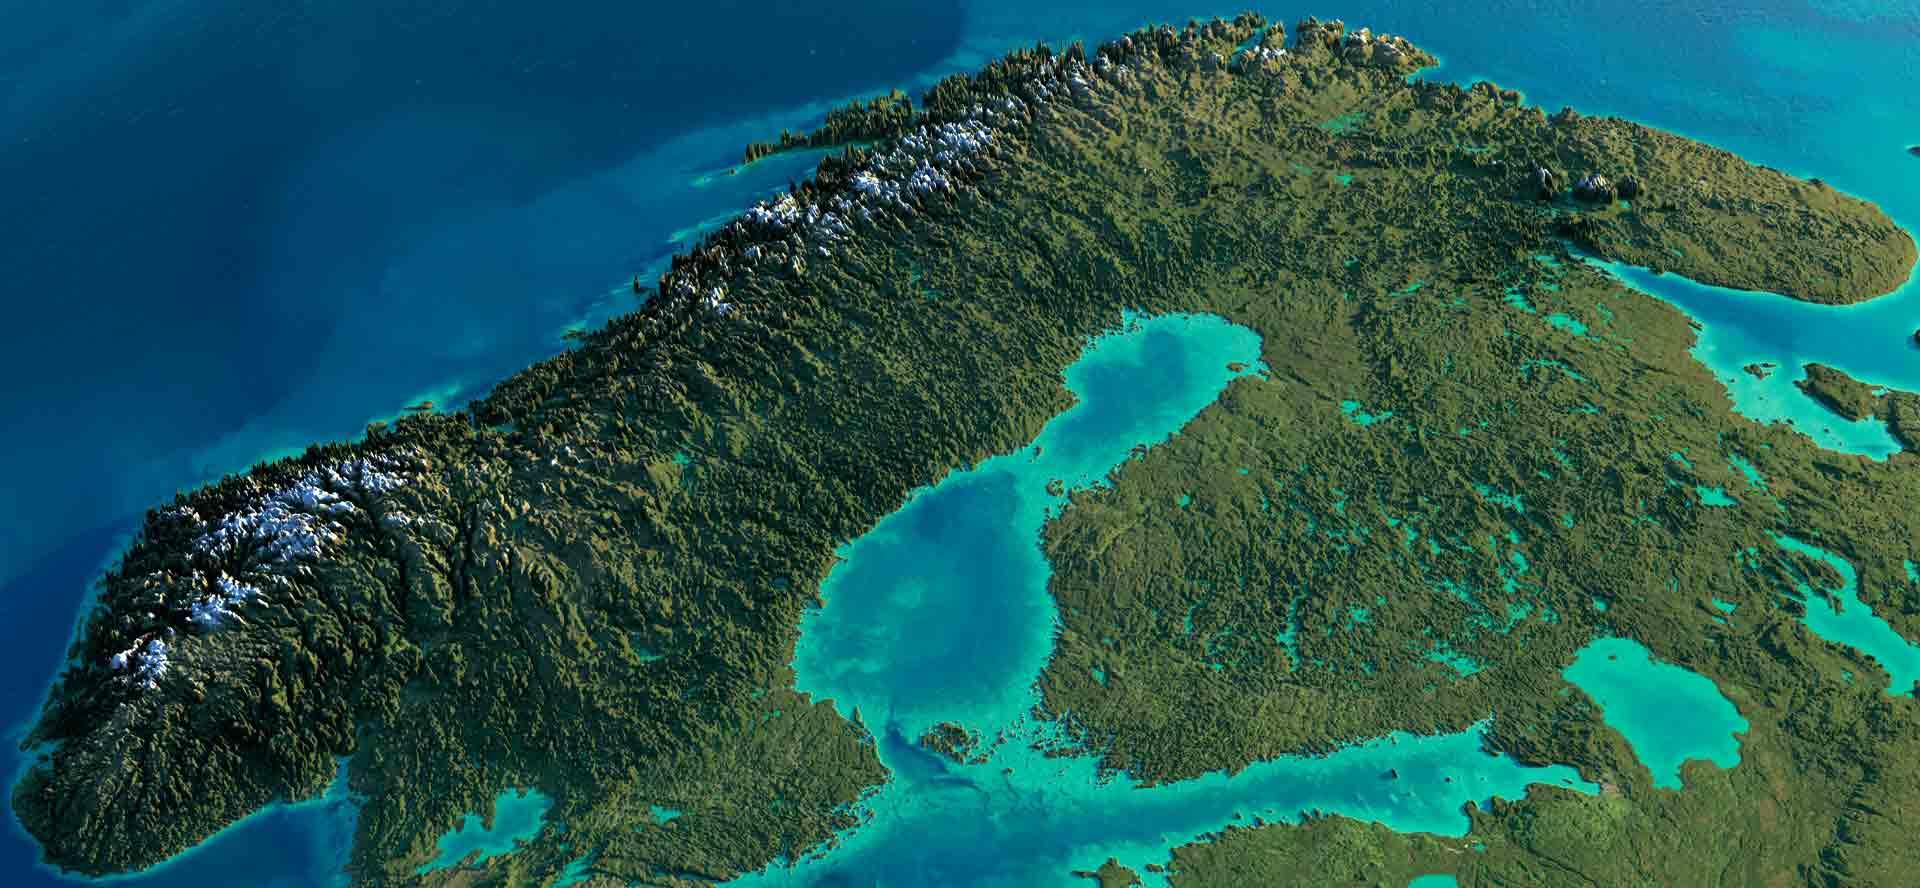 Satellitenbild mit Norwegen im Fokus